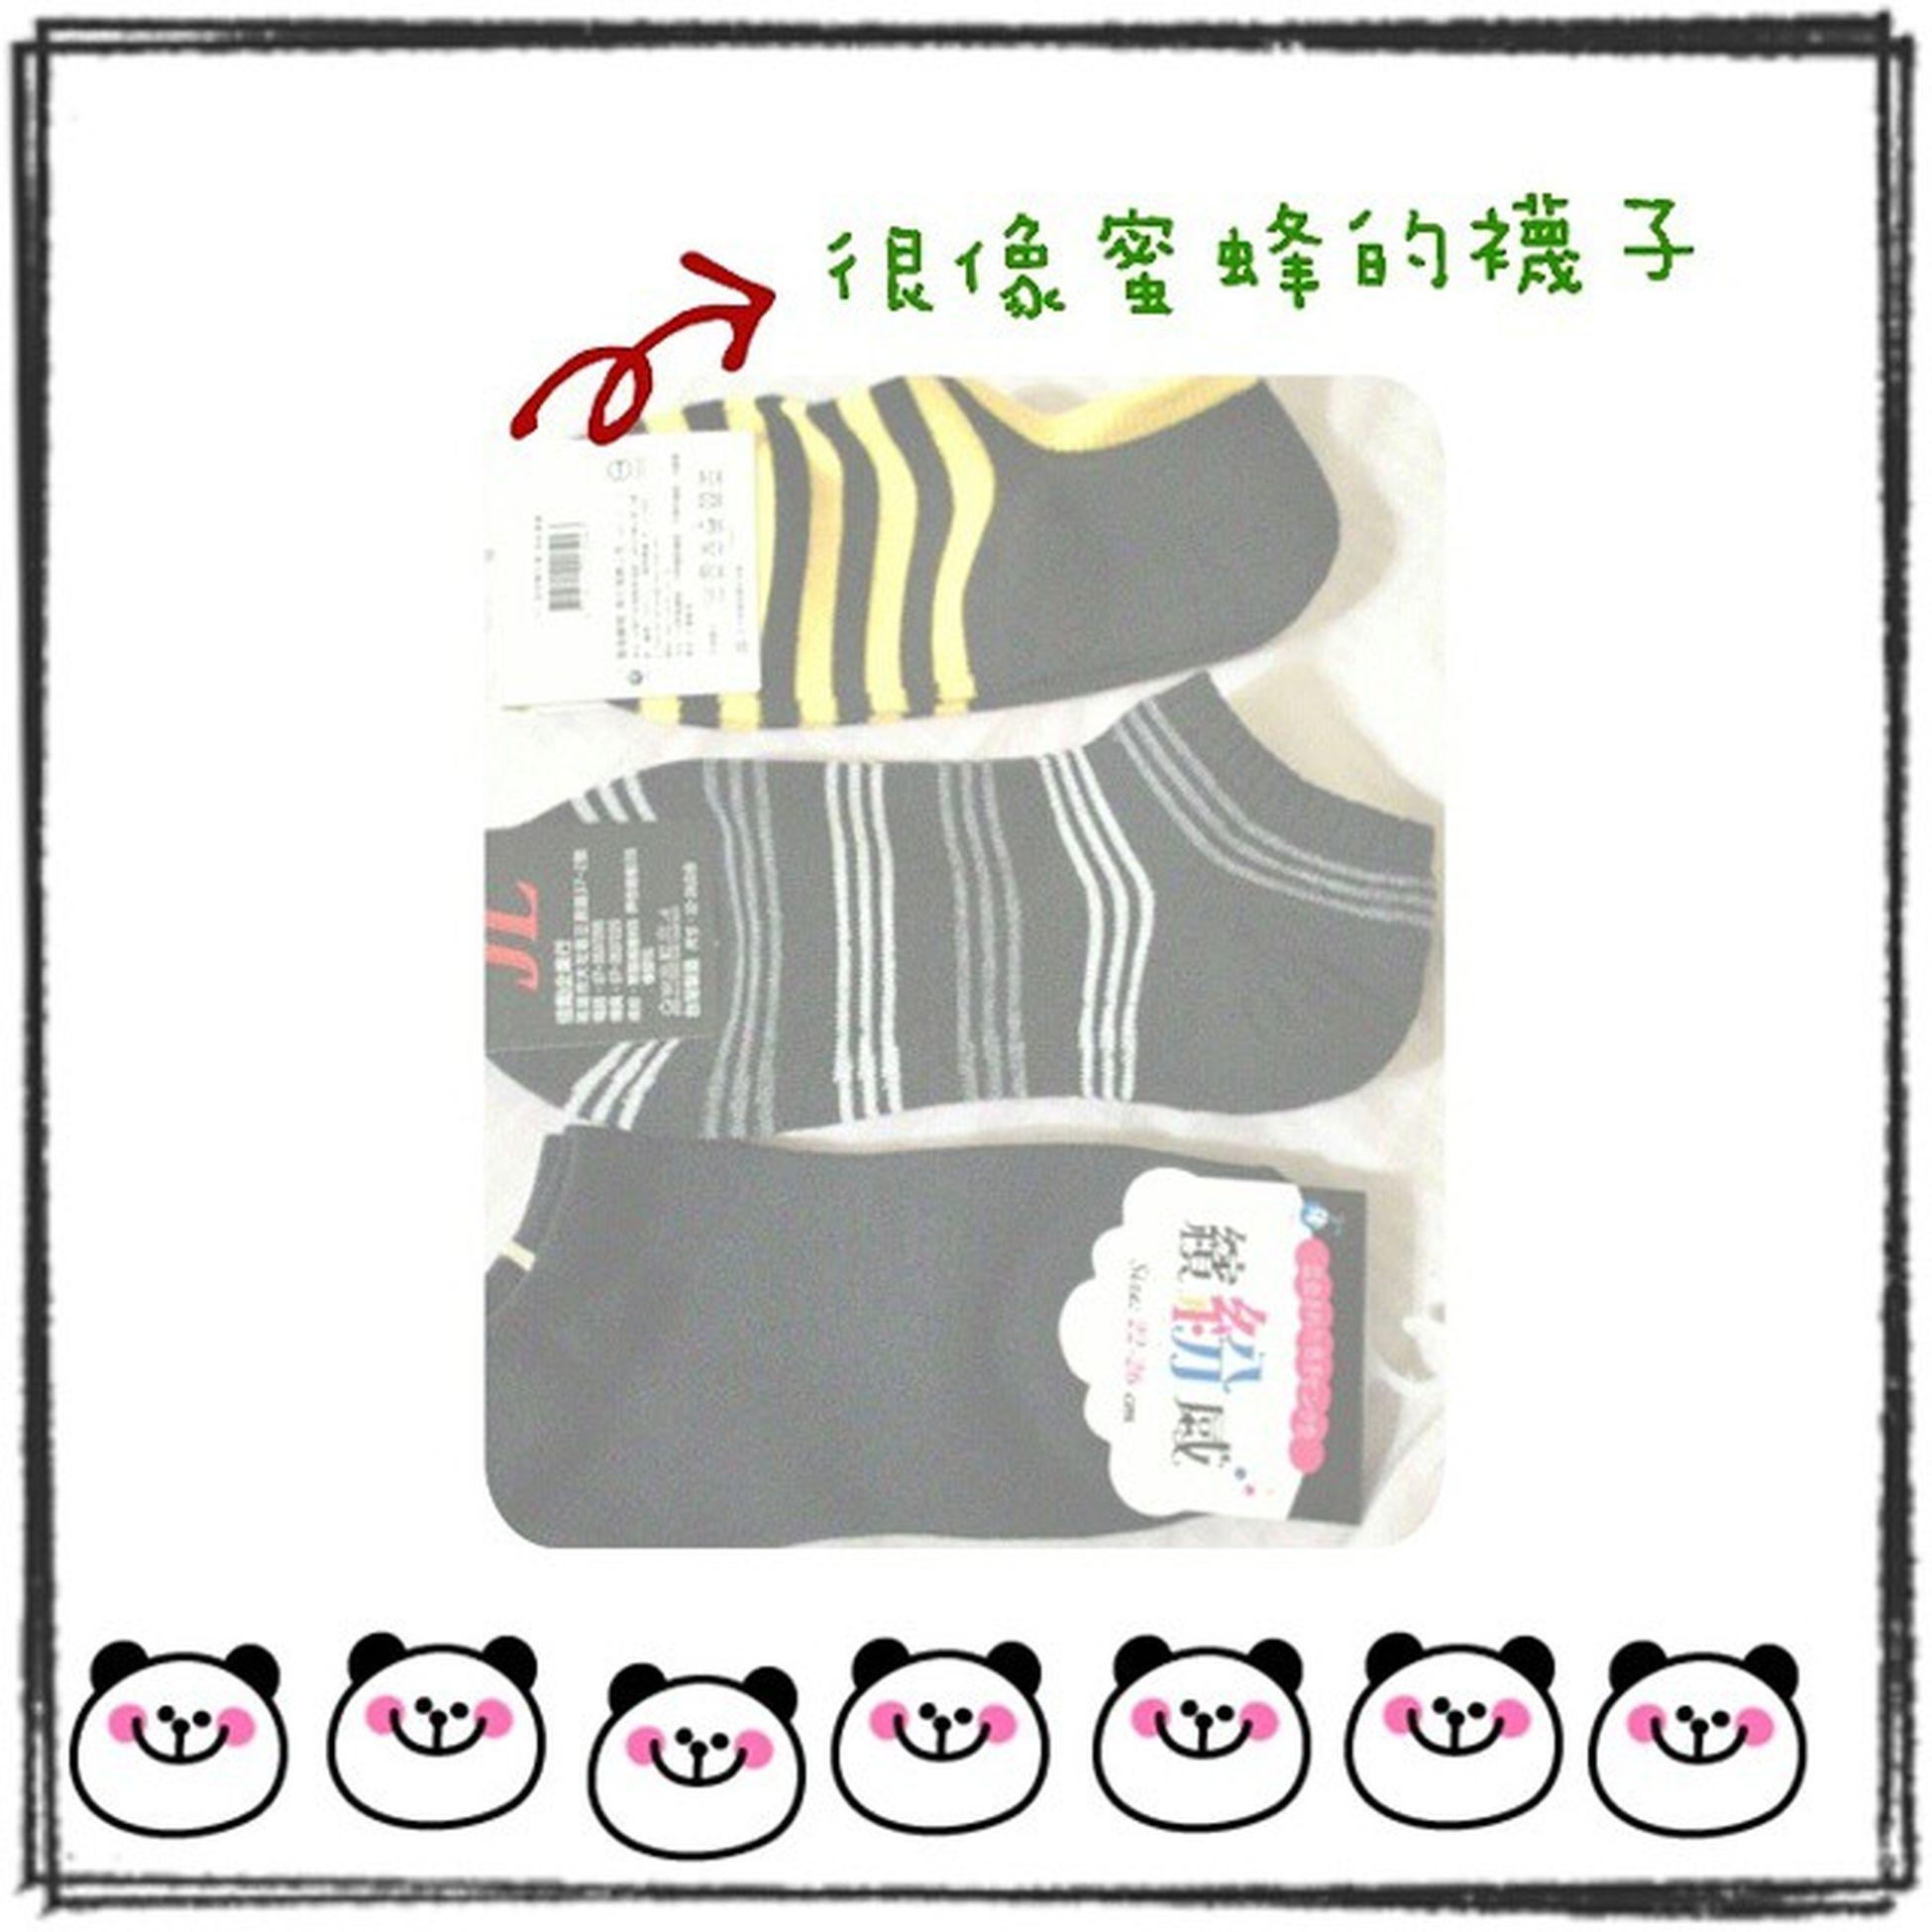 昨天買了幾條新襪子:)) 因為之前的襪子大姆哥都破洞了 😂 😂 襪子 破洞